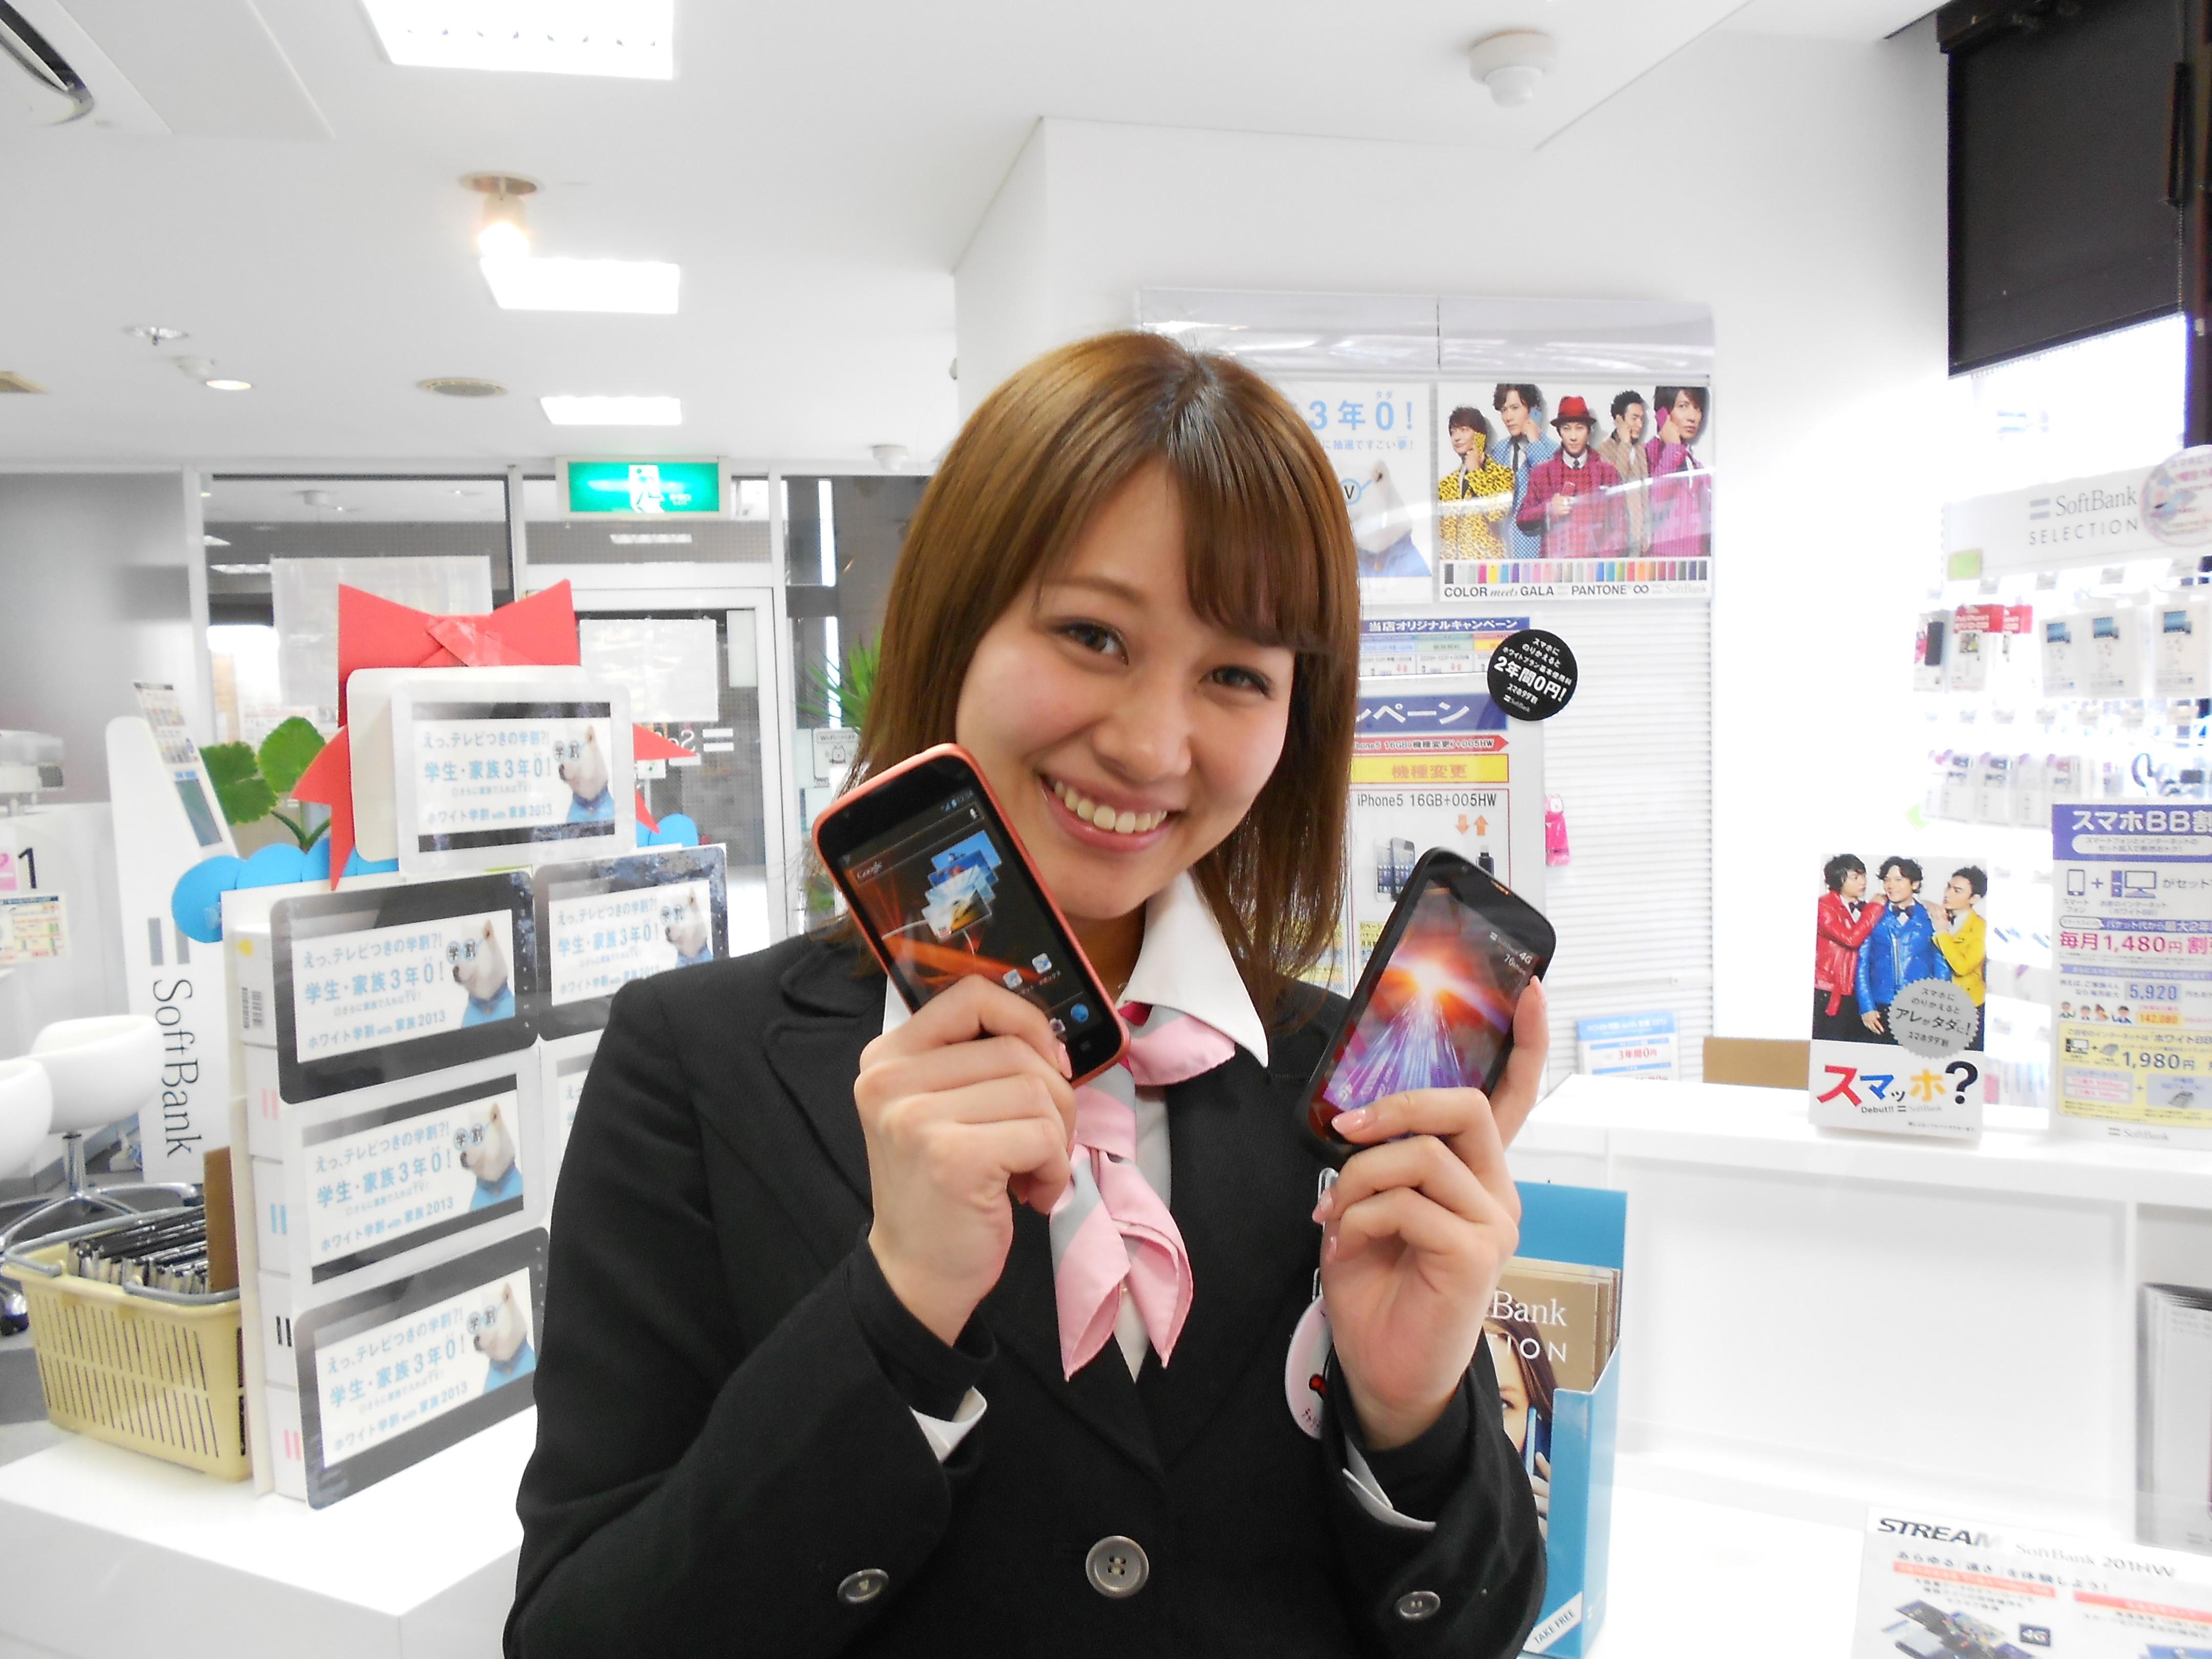 ワイモバイル 寒川駅前(株式会社シエロ)のアルバイト情報